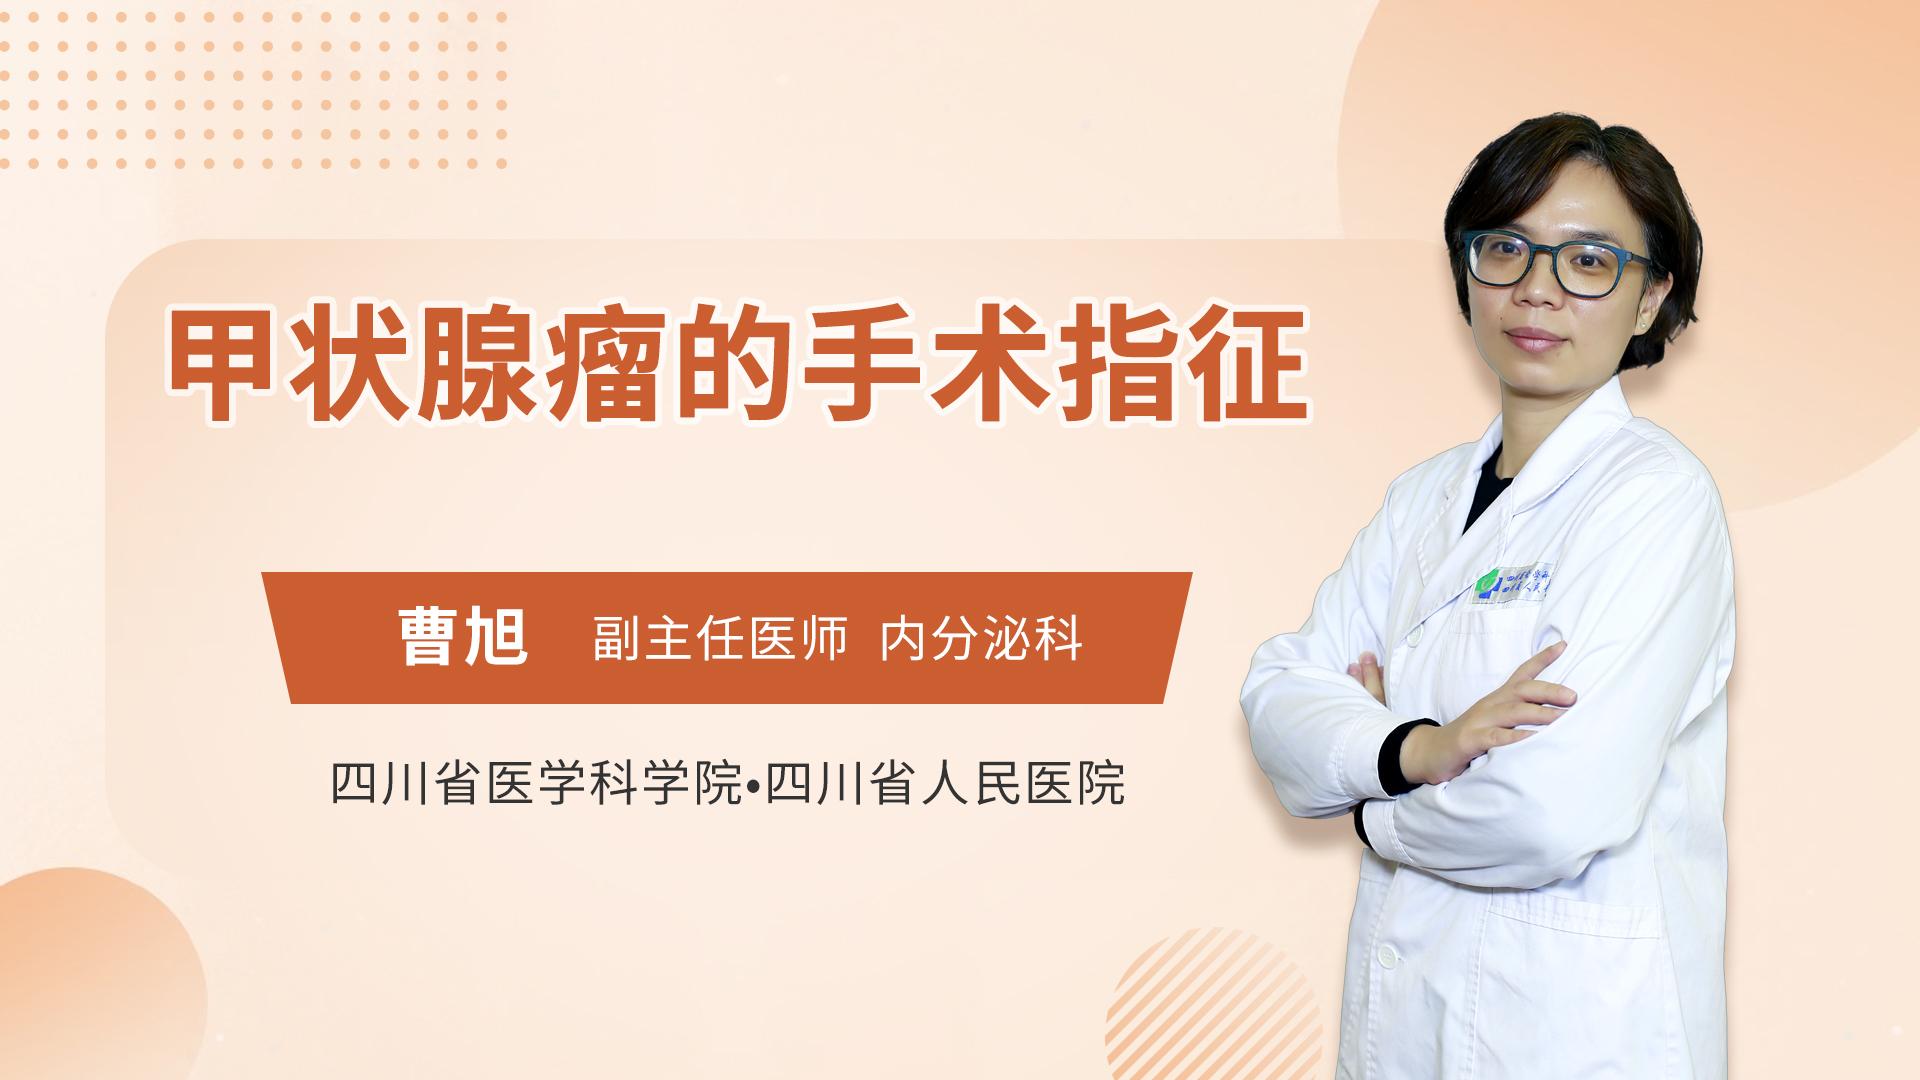 甲状腺瘤的手术指征